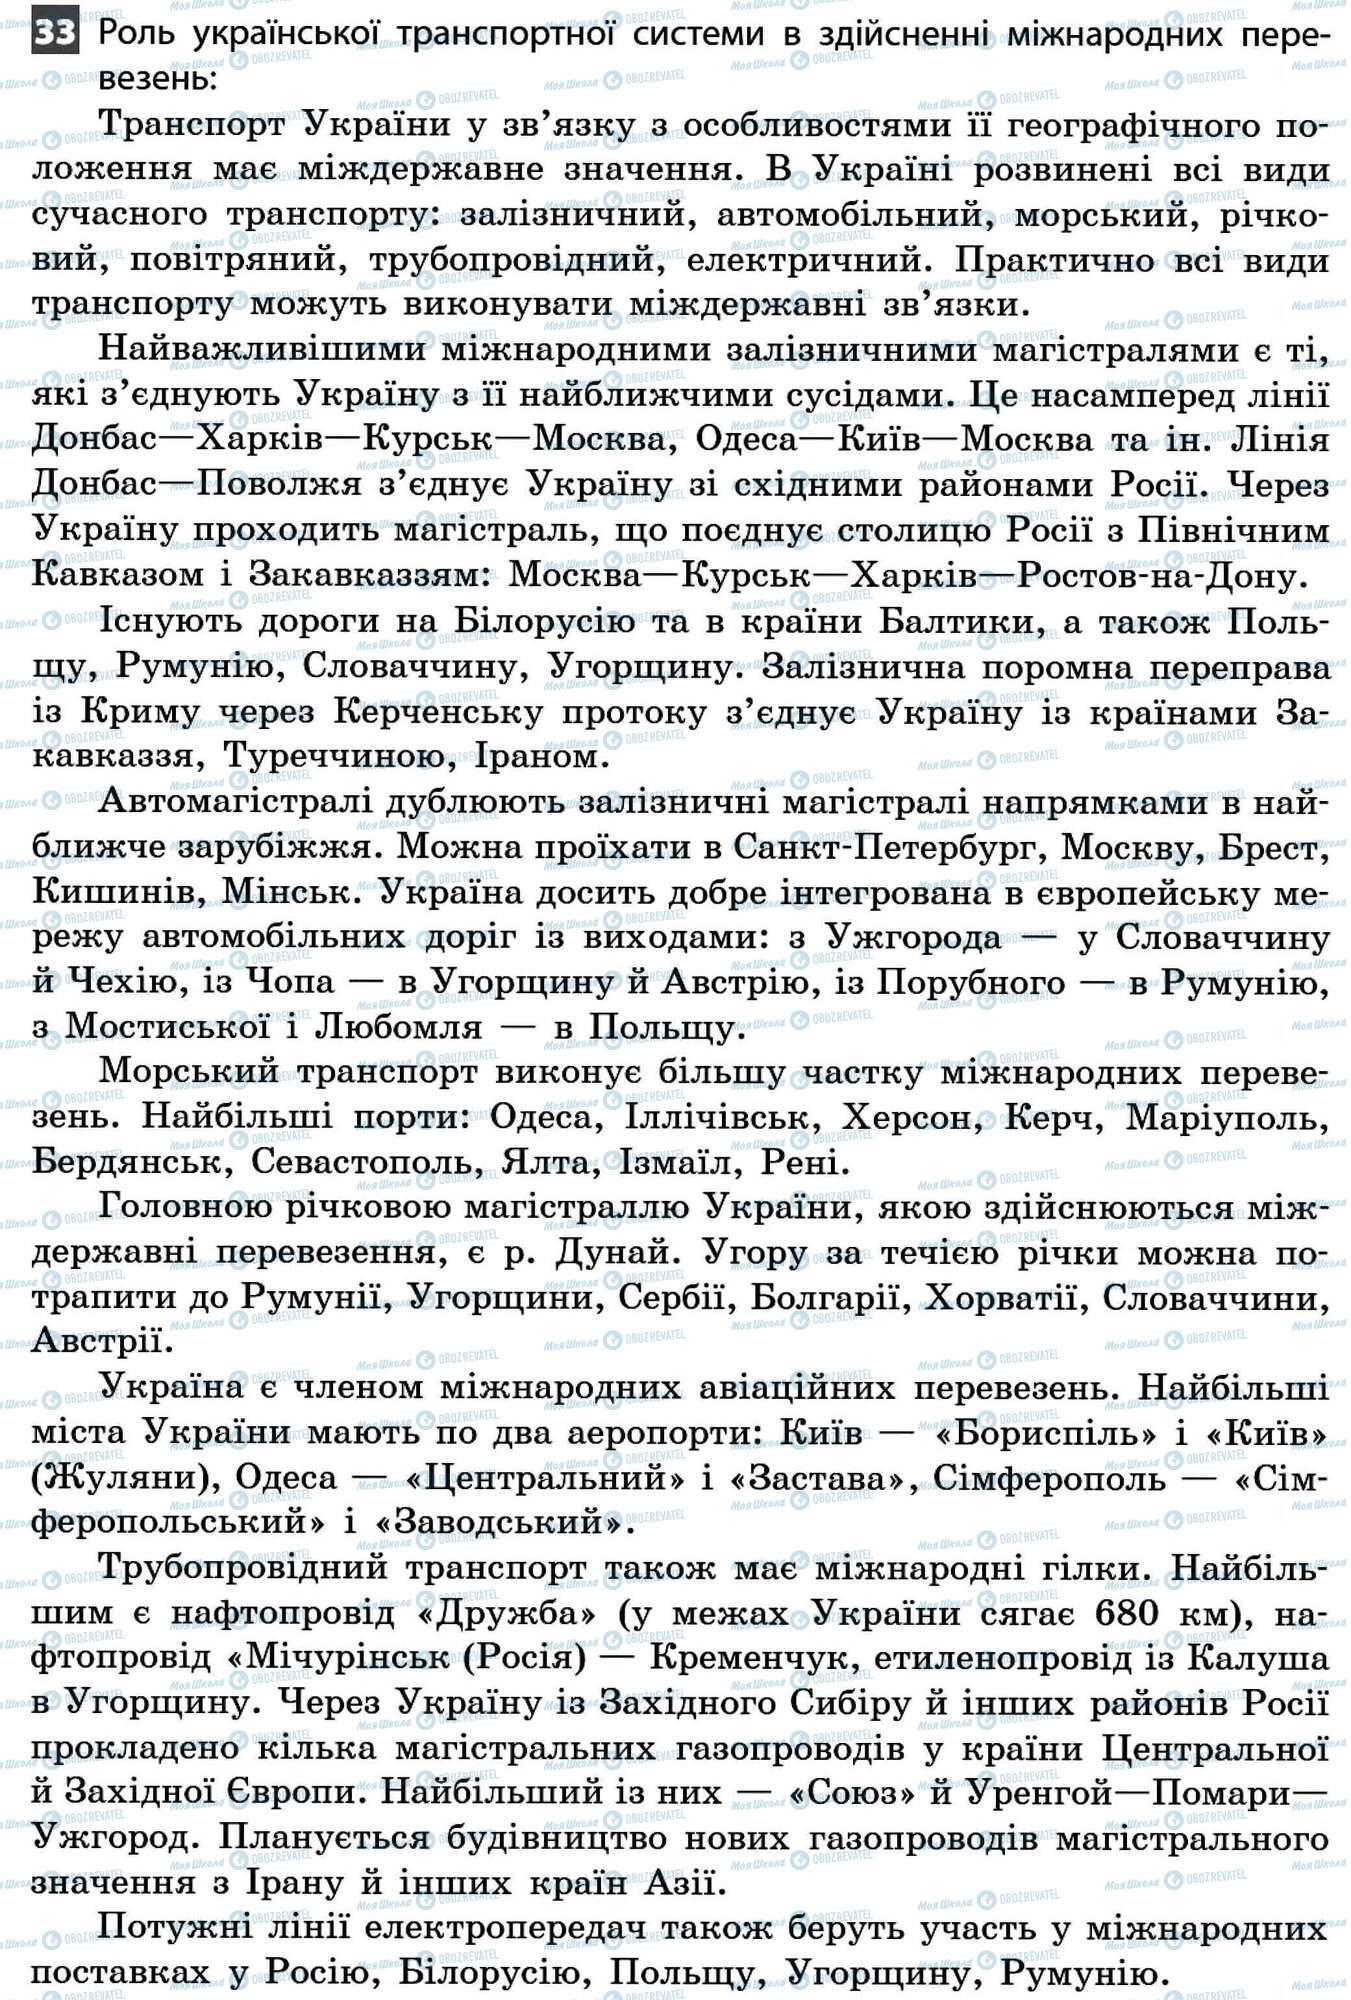 ДПА Географія 11 клас сторінка 33